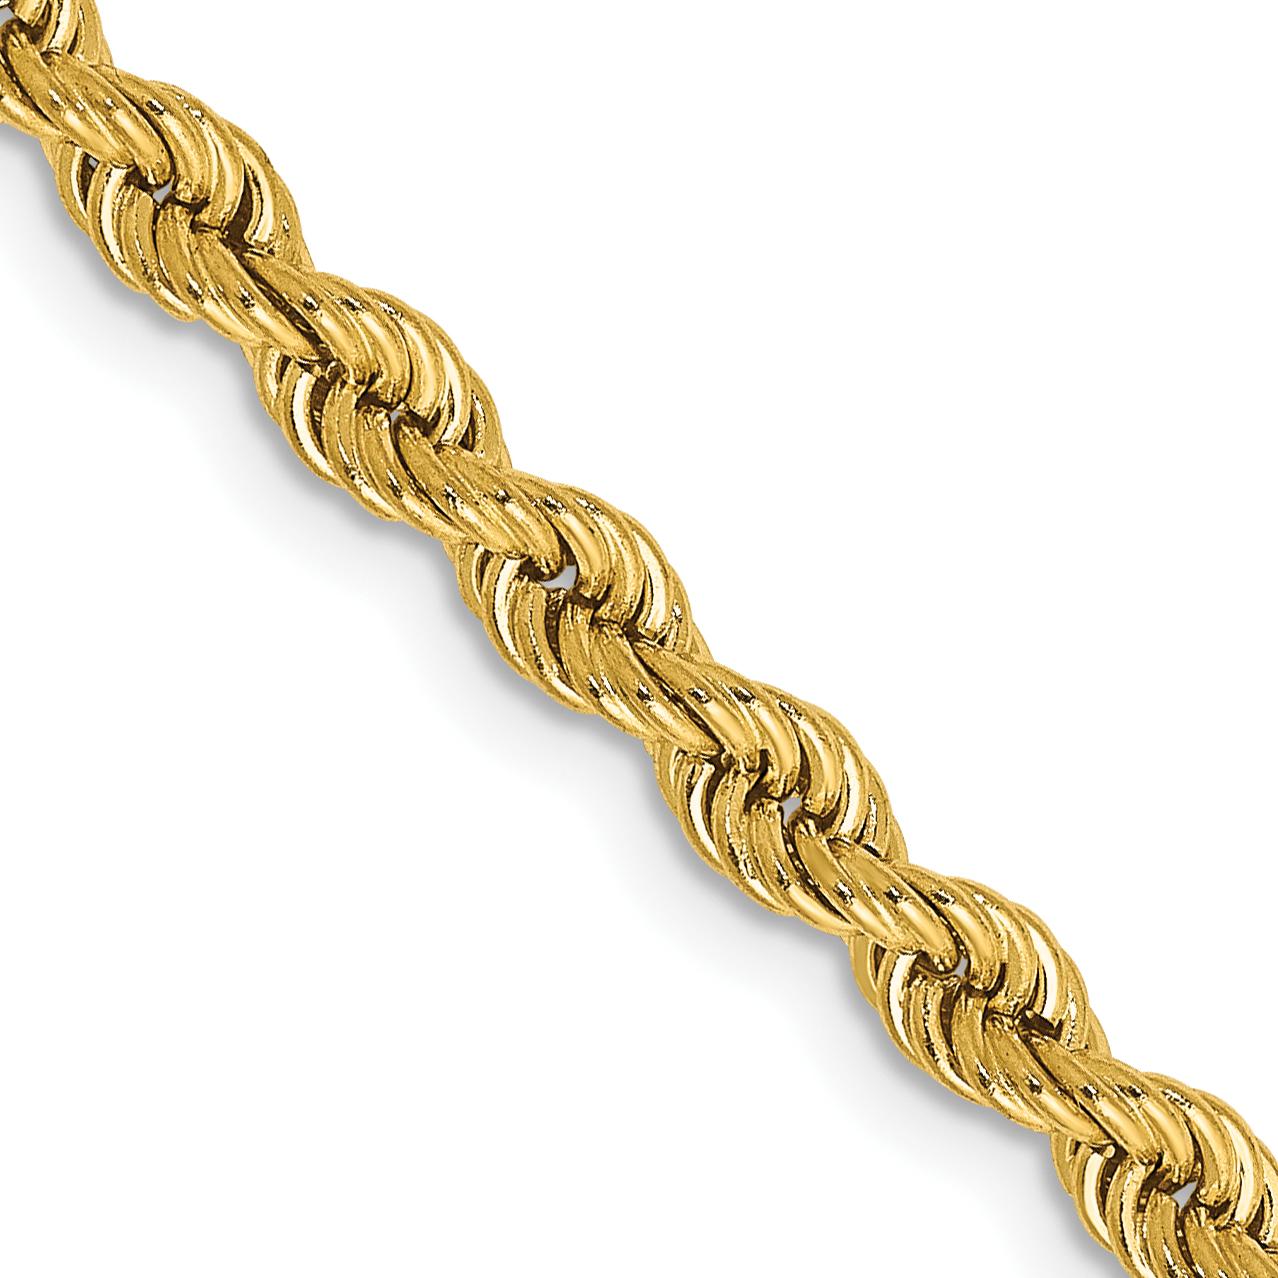 14k 3.65mm Handmade Regular Rope Chain. Weight: 19.62,  Length: 18